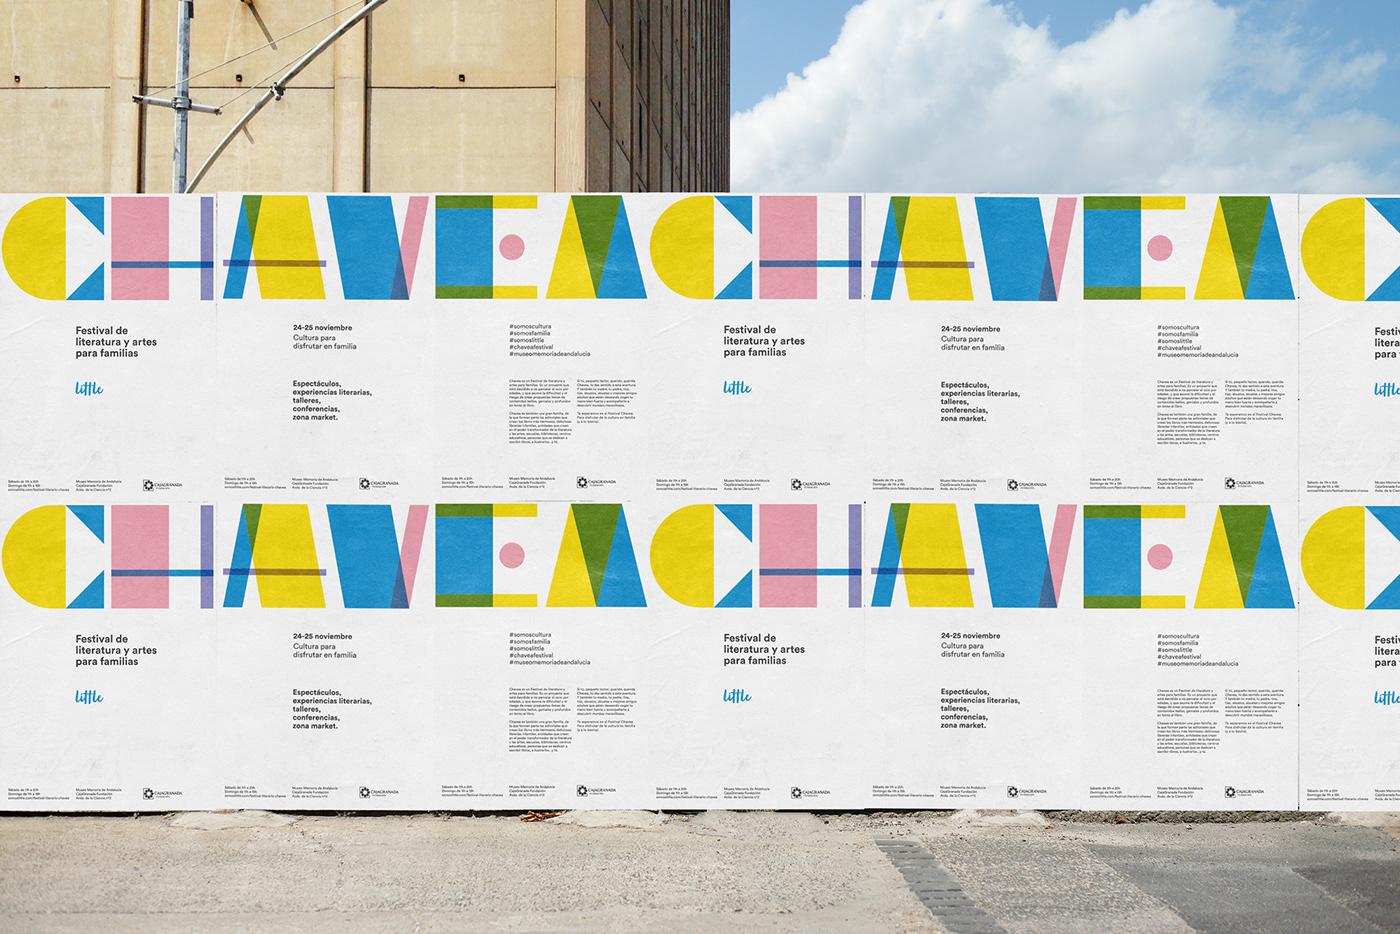 literature granada Chavea identity brand festival children typography   Plácida